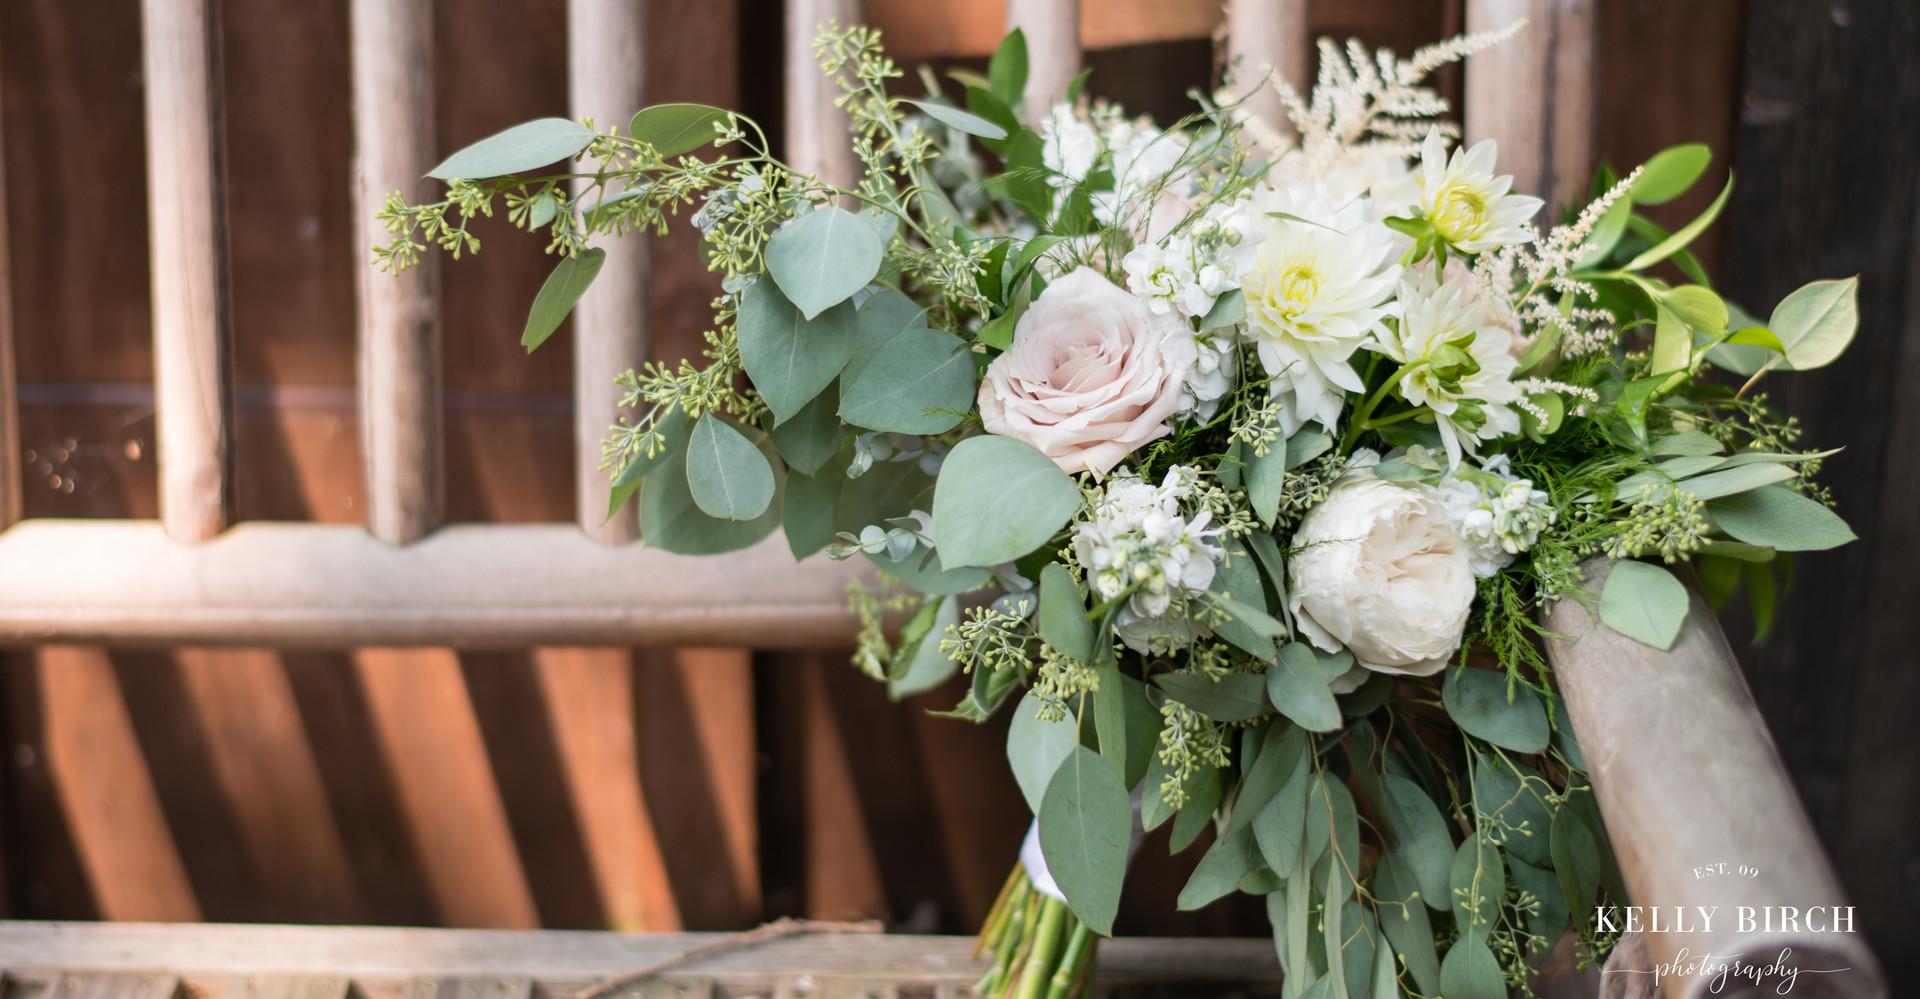 Lauren's bridal bouquet